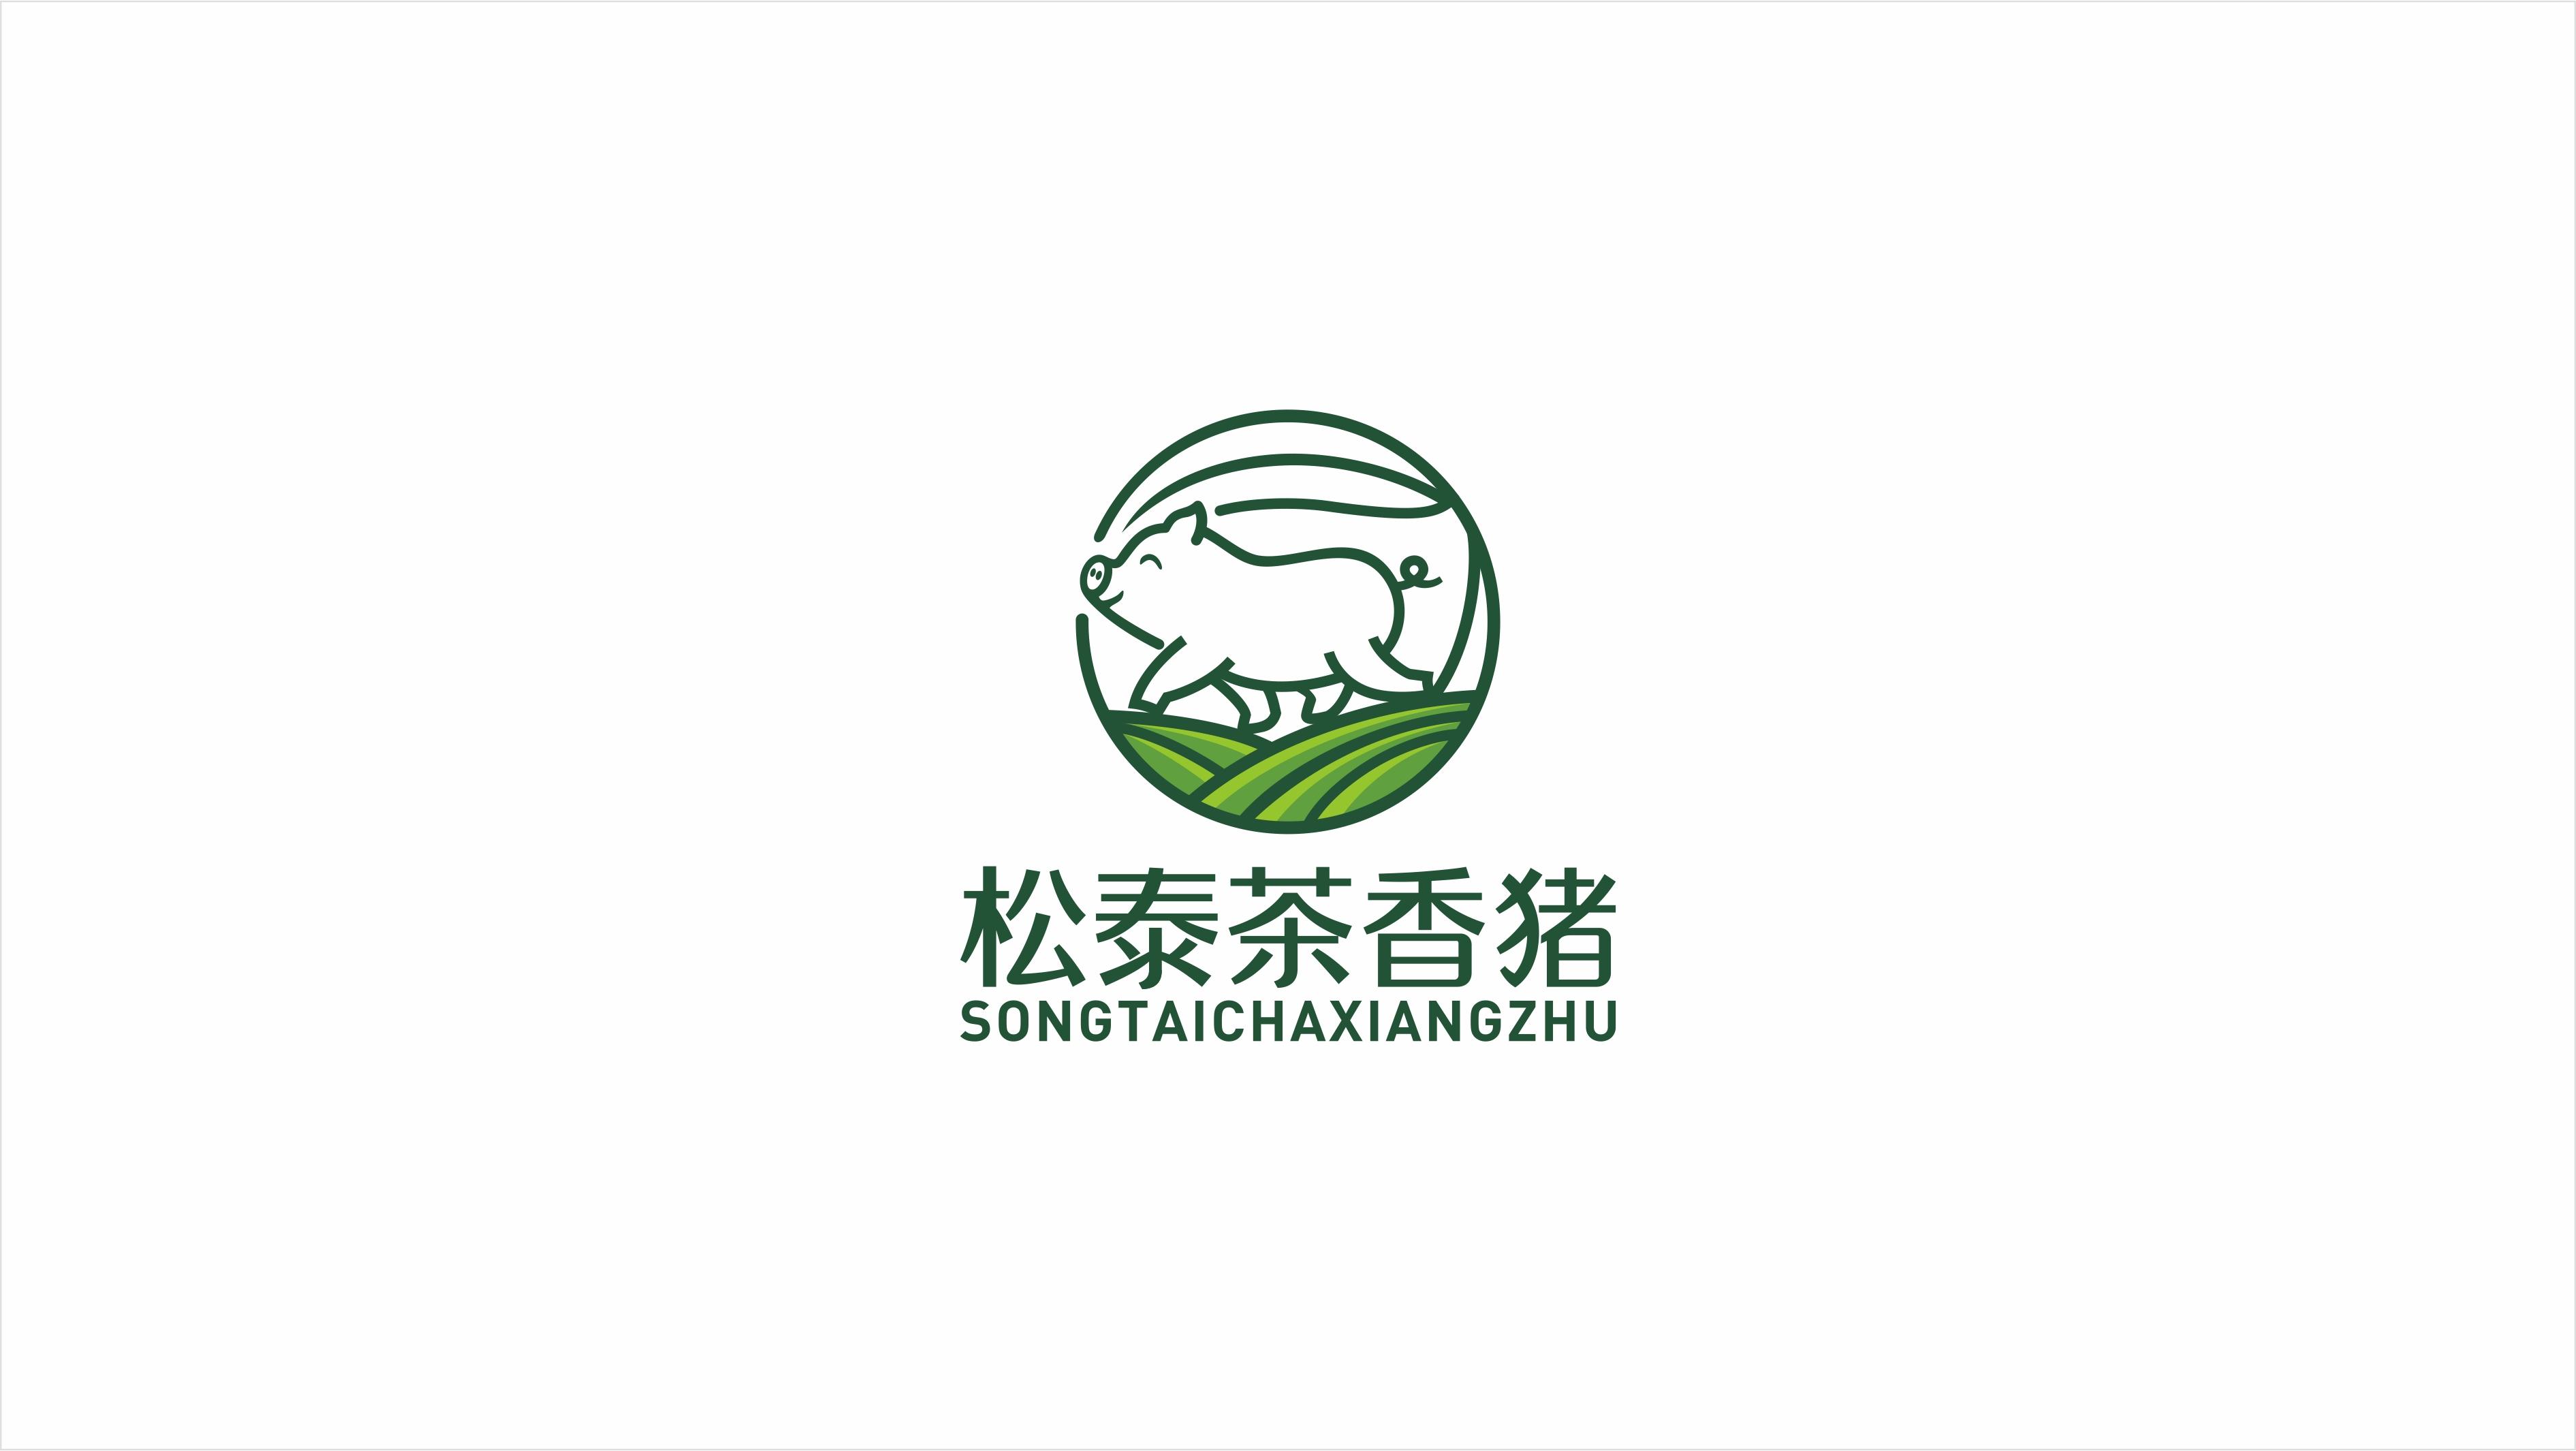 松泰茶香猪品牌LOGO设计